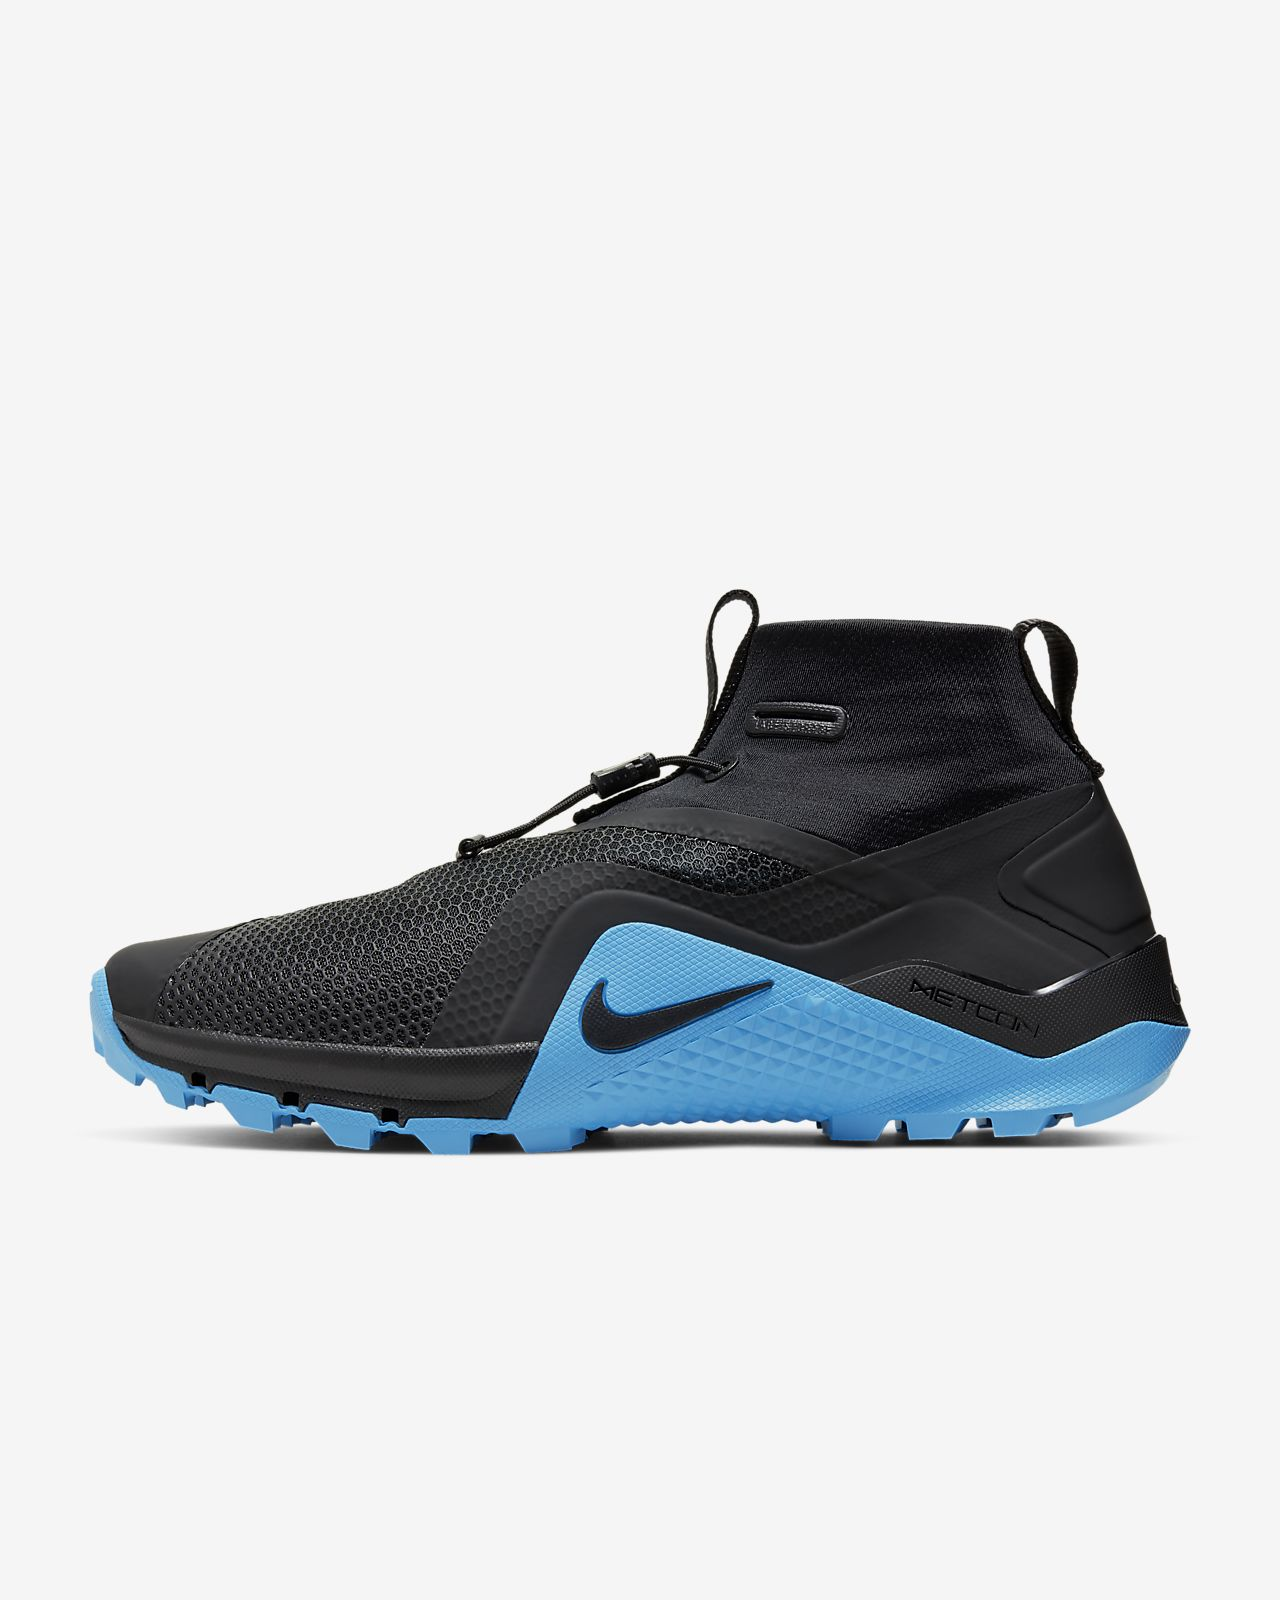 Ανδρικό παπούτσι προπόνησης Nike MetconSF